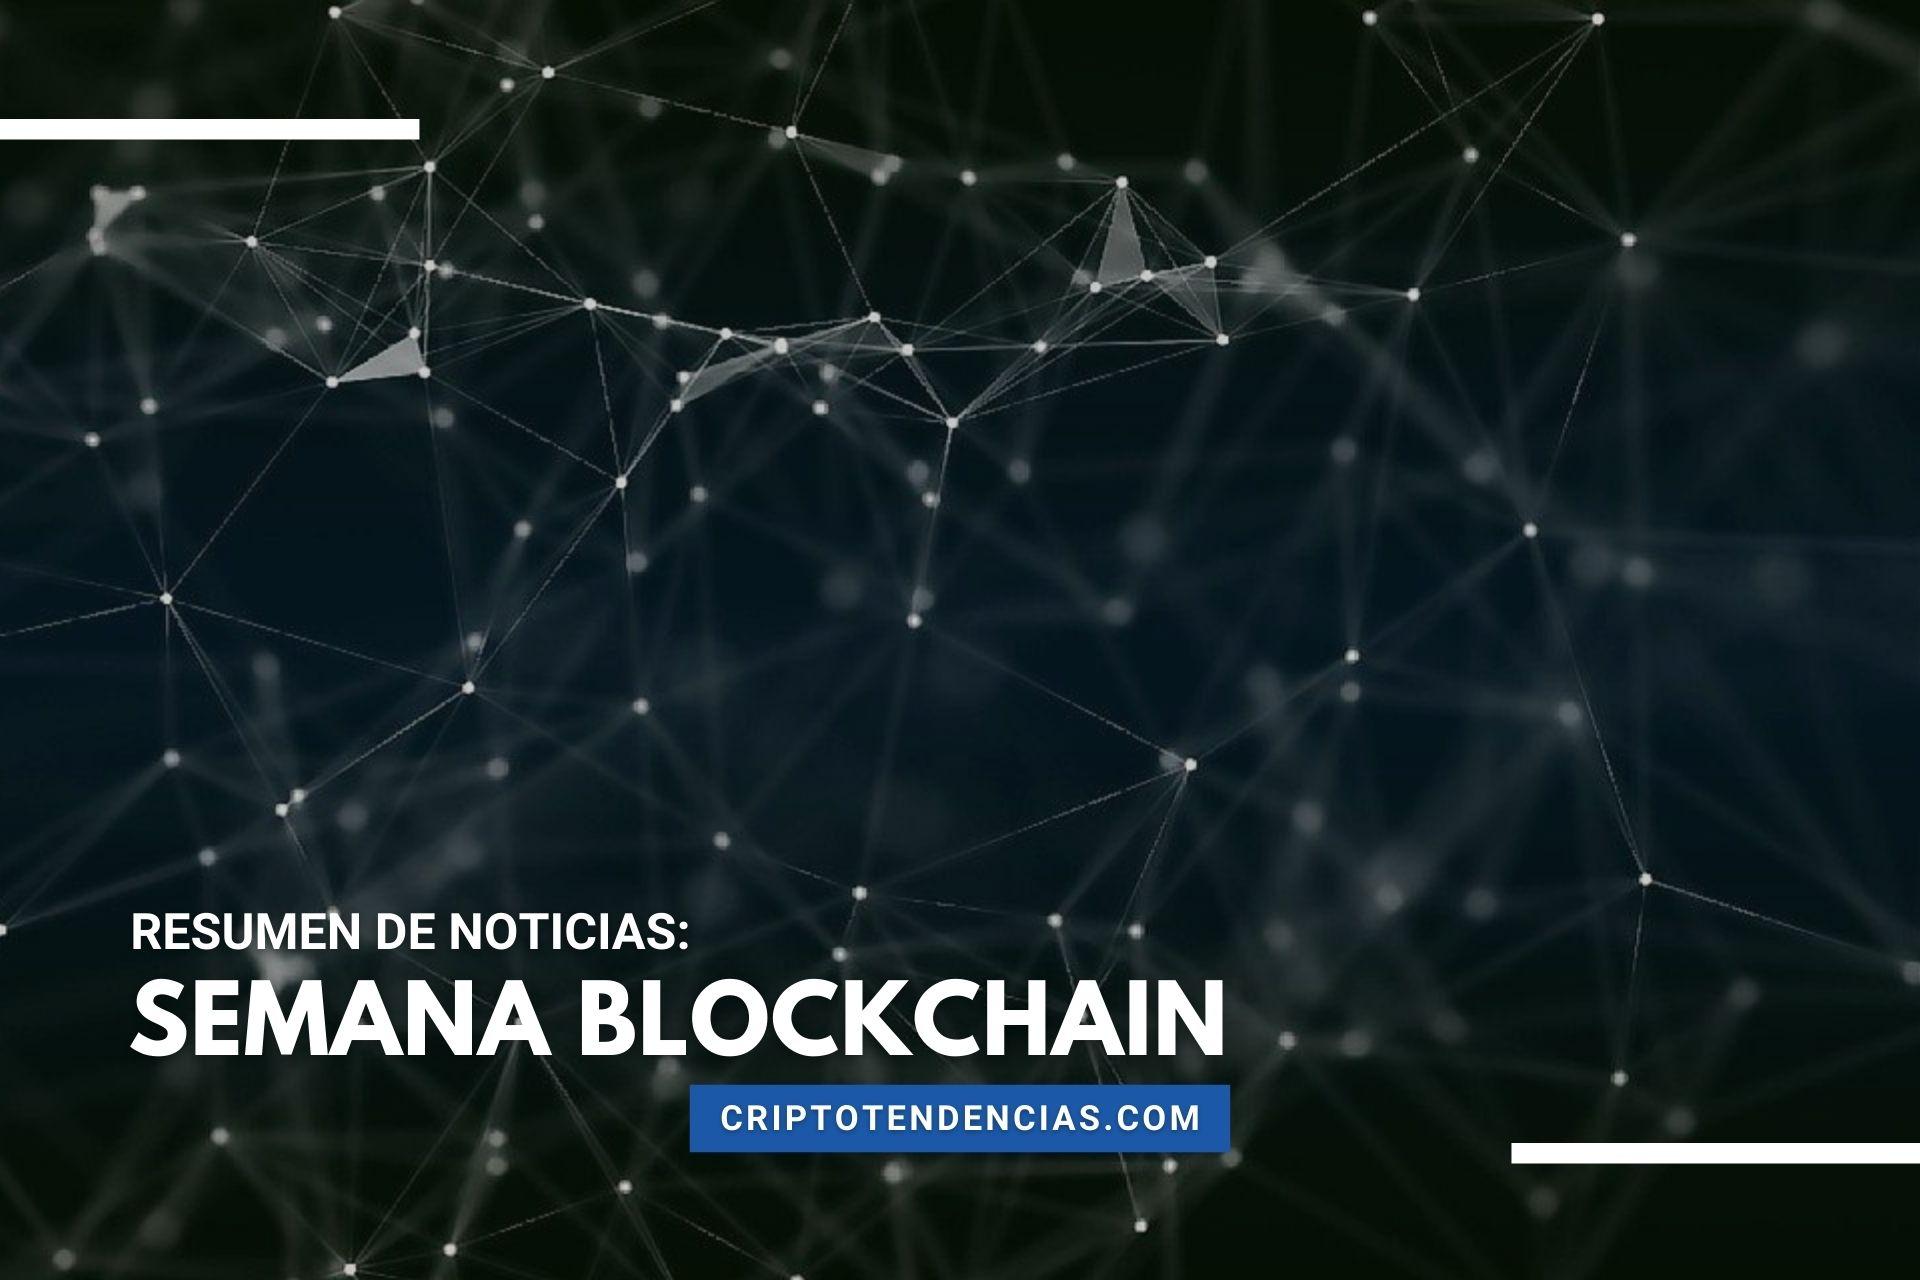 Semana Blockchain, un resumen con lo mejor de la tecnología blockchain y los NFT